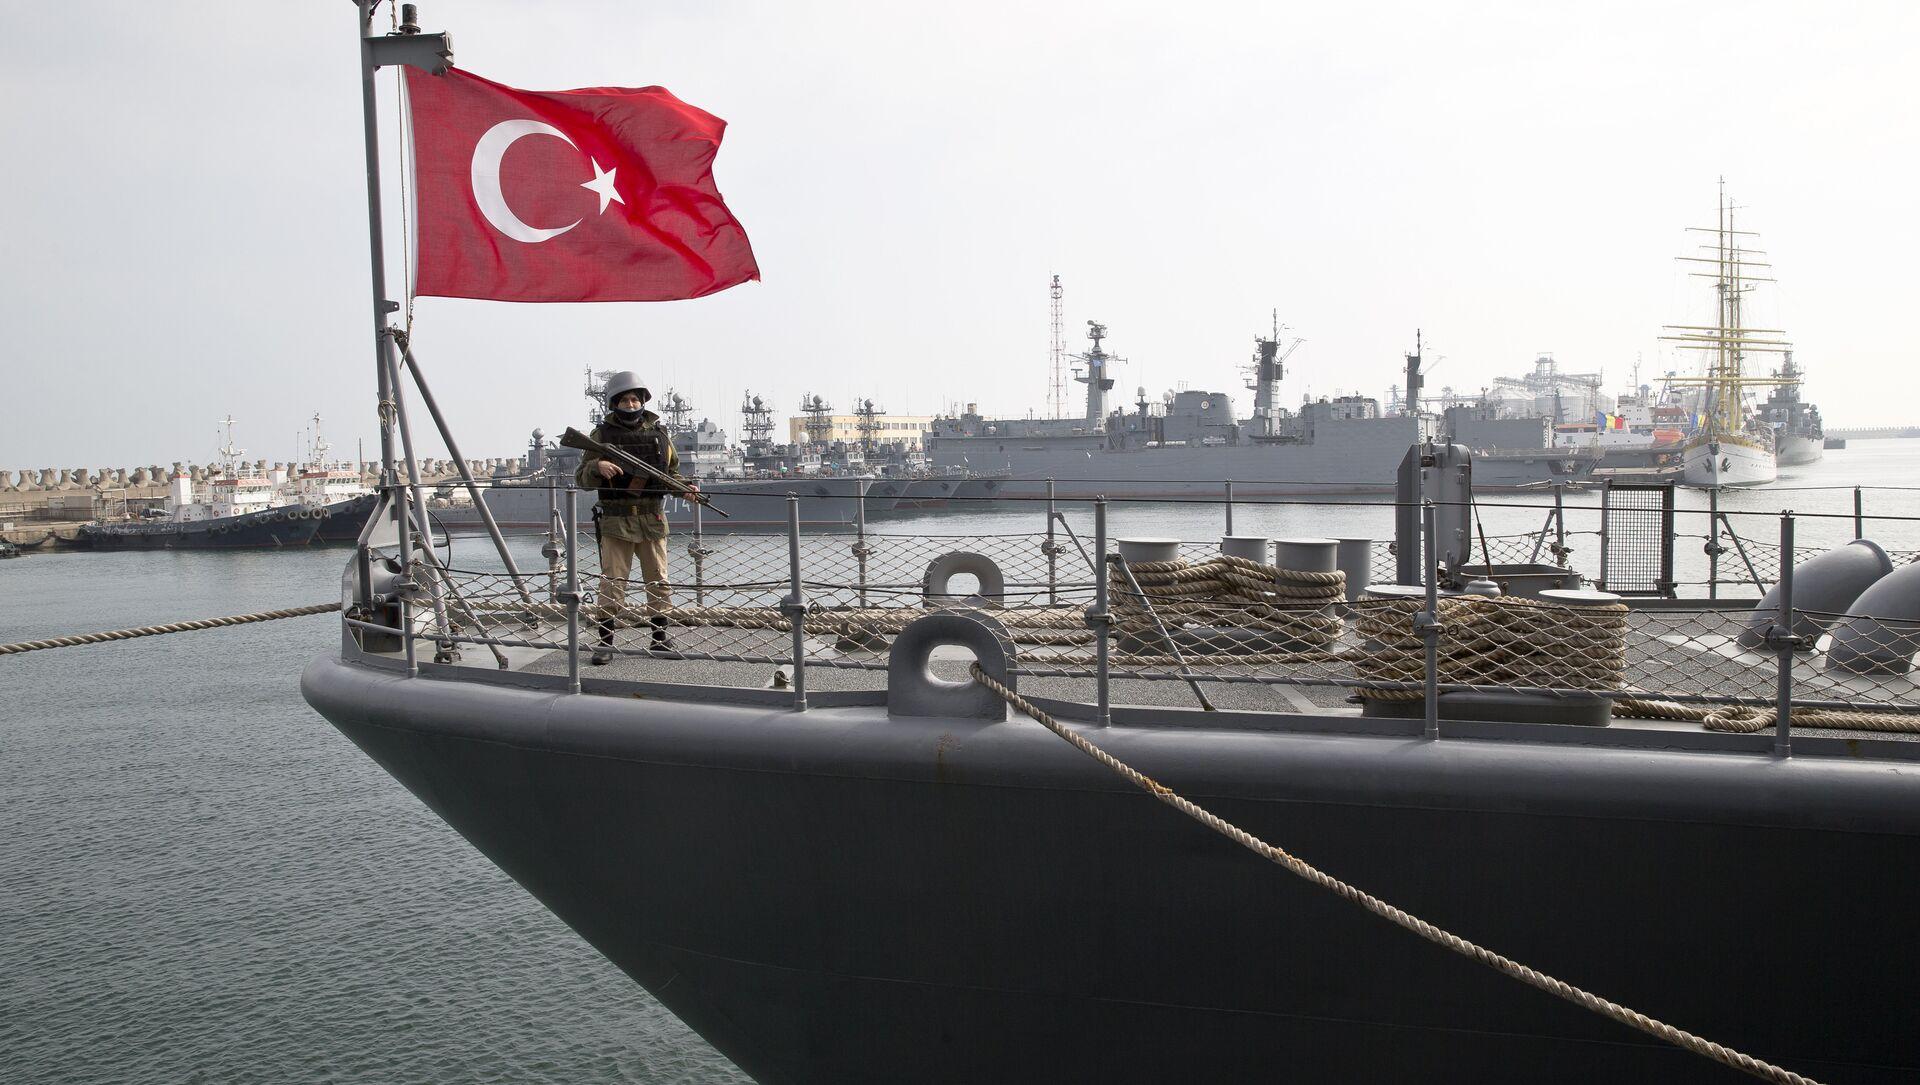 Un navire de la Marine turque dans un port de la mer Noire (archive photo) - Sputnik France, 1920, 06.02.2021